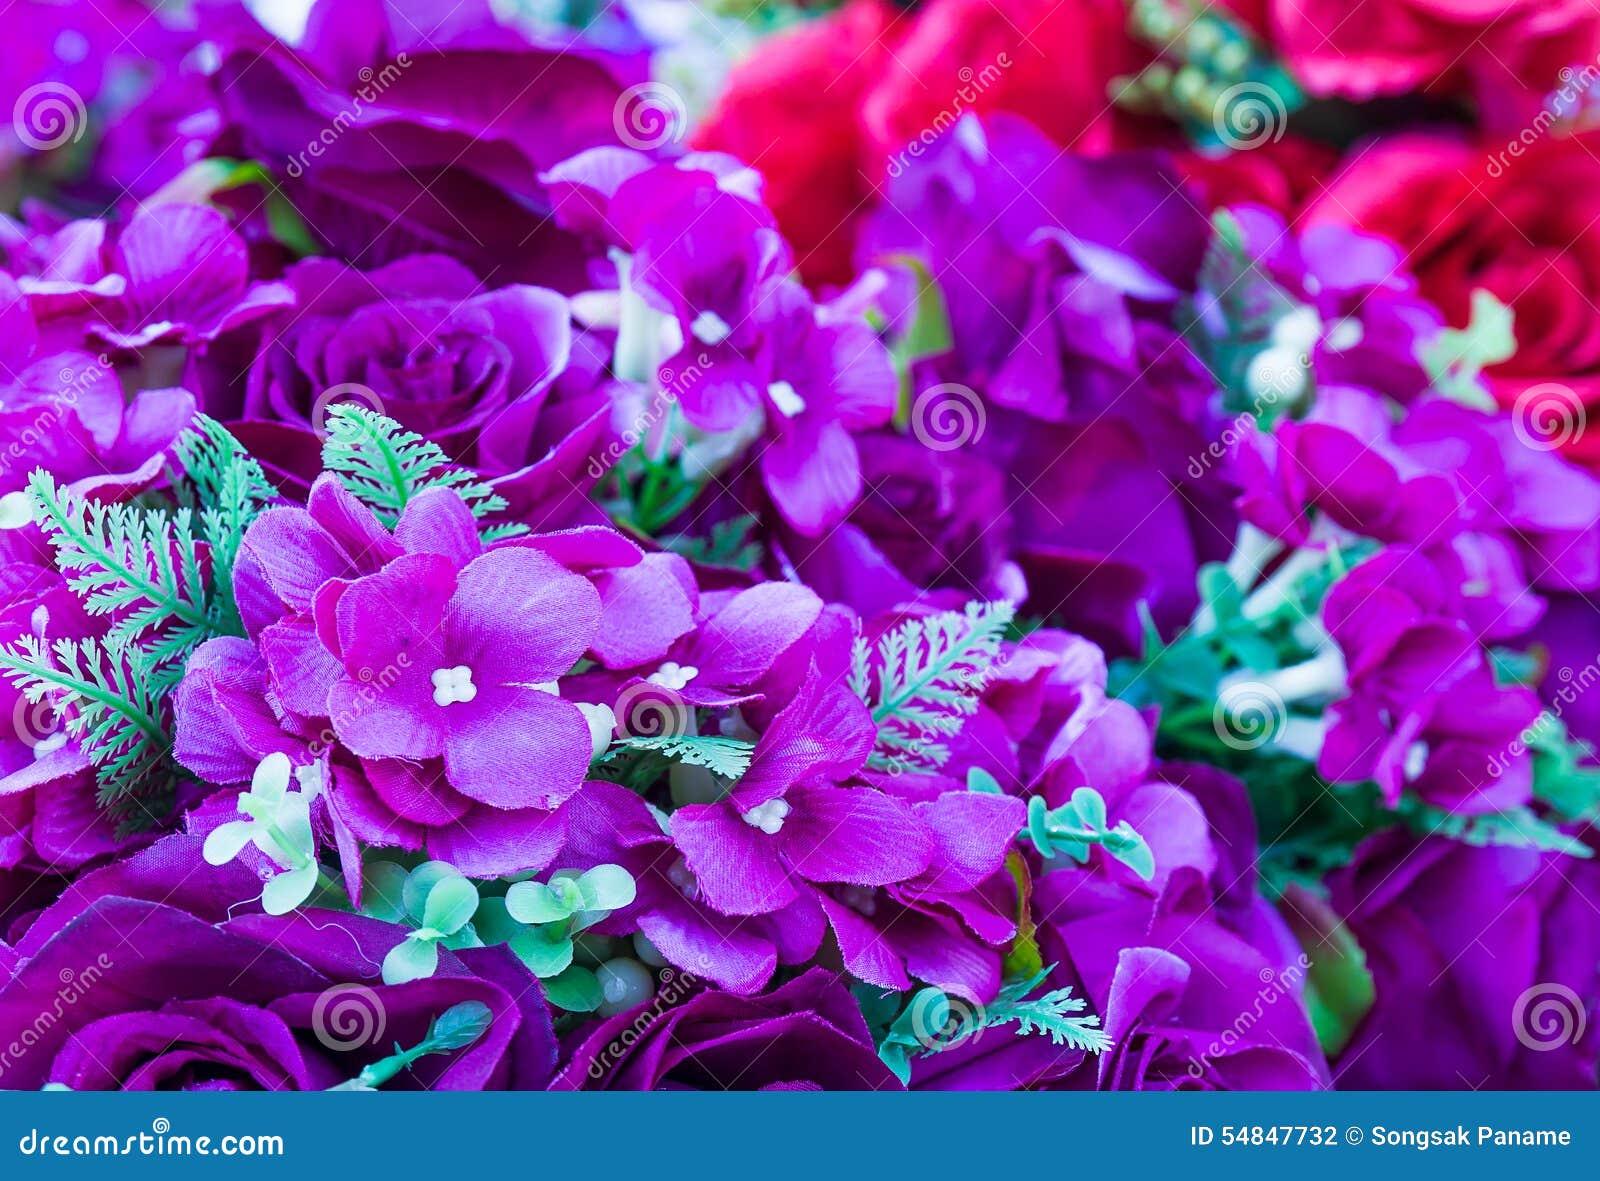 [Jeu] Association d'images - Page 17 Fleurs-de-couture-faites-main-de-fausse-fleur-violette-54847732